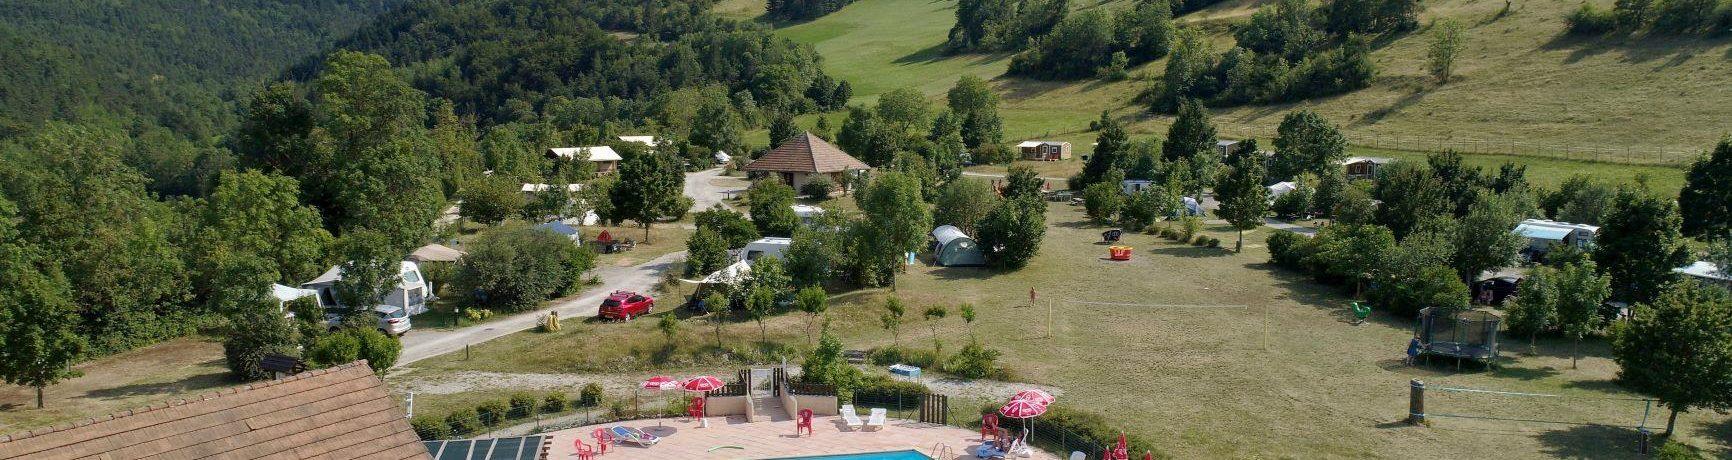 Camping Belle Roche in Lalley is een kalme camping op 65 kilometer van Grenoble aan de voet van de Col de la Croix Haute in de Isère in de Rhône-Alpes.